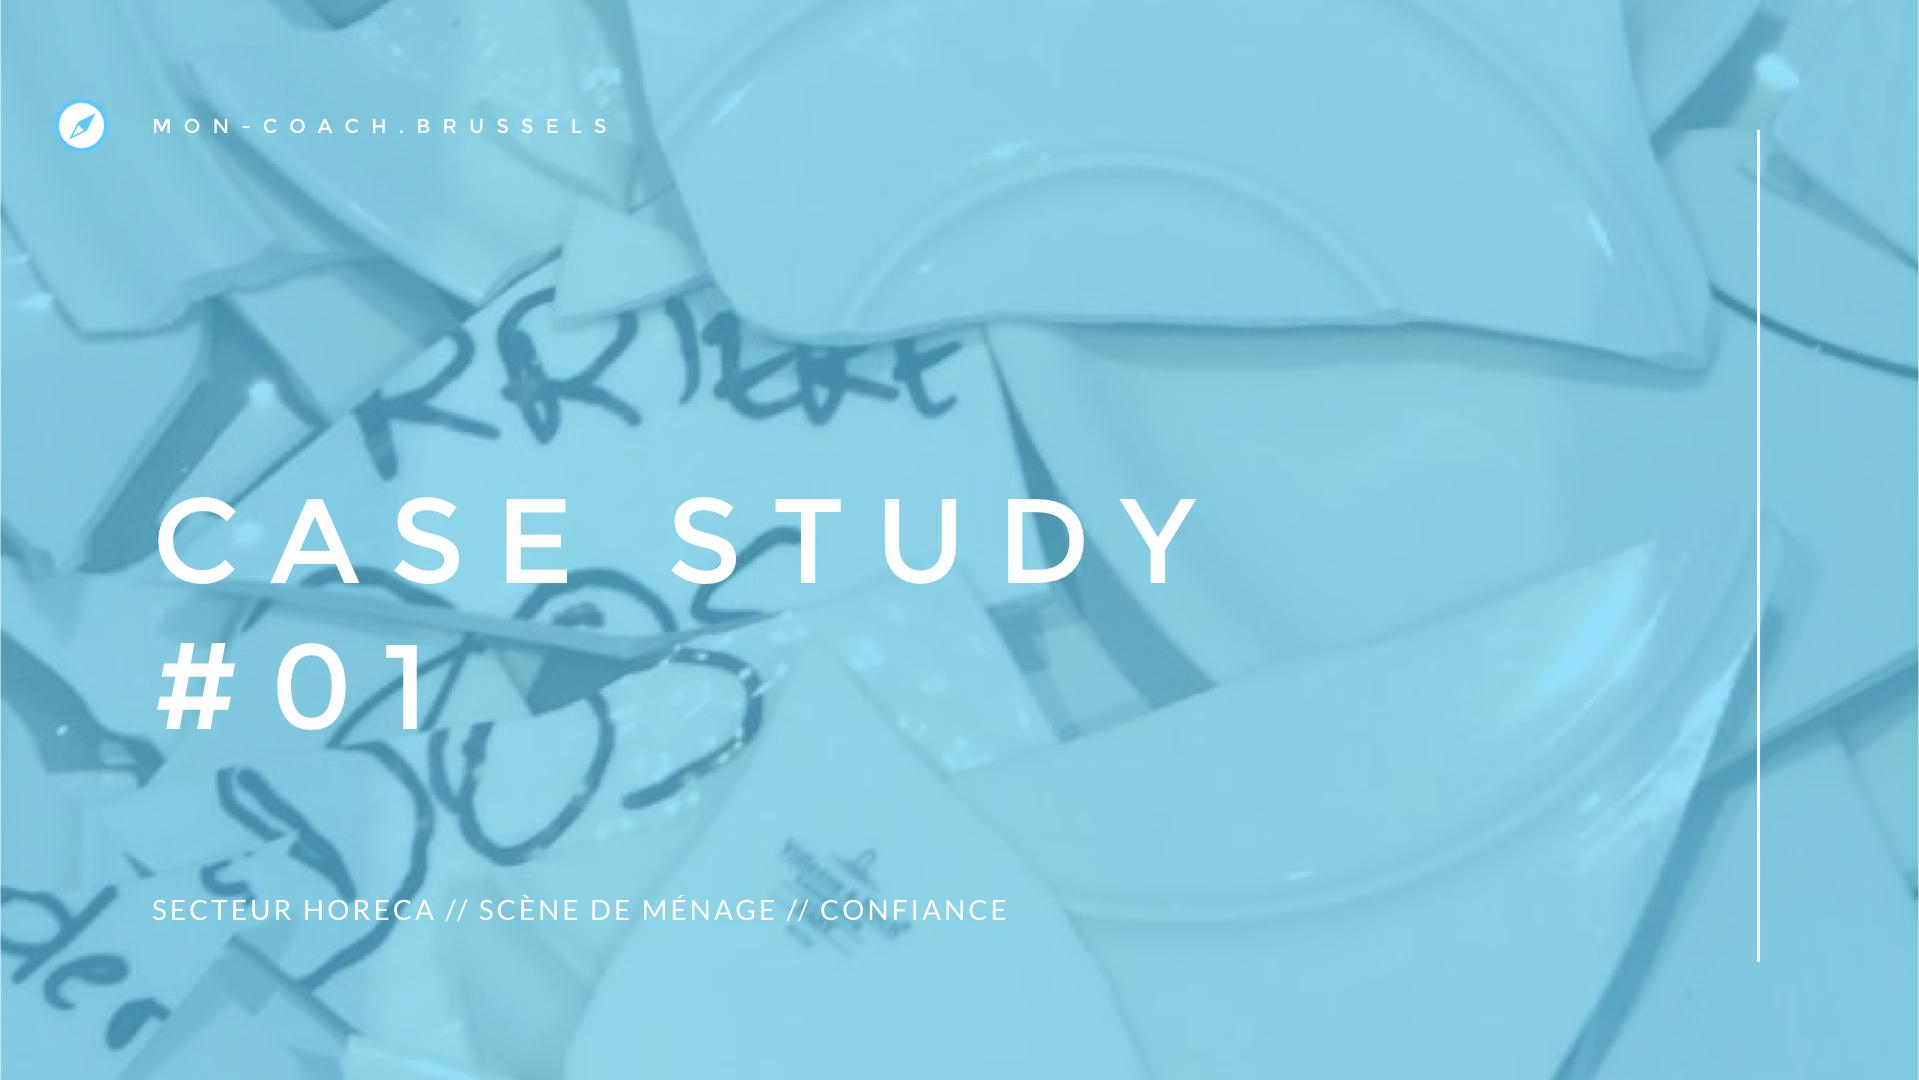 Case study #01